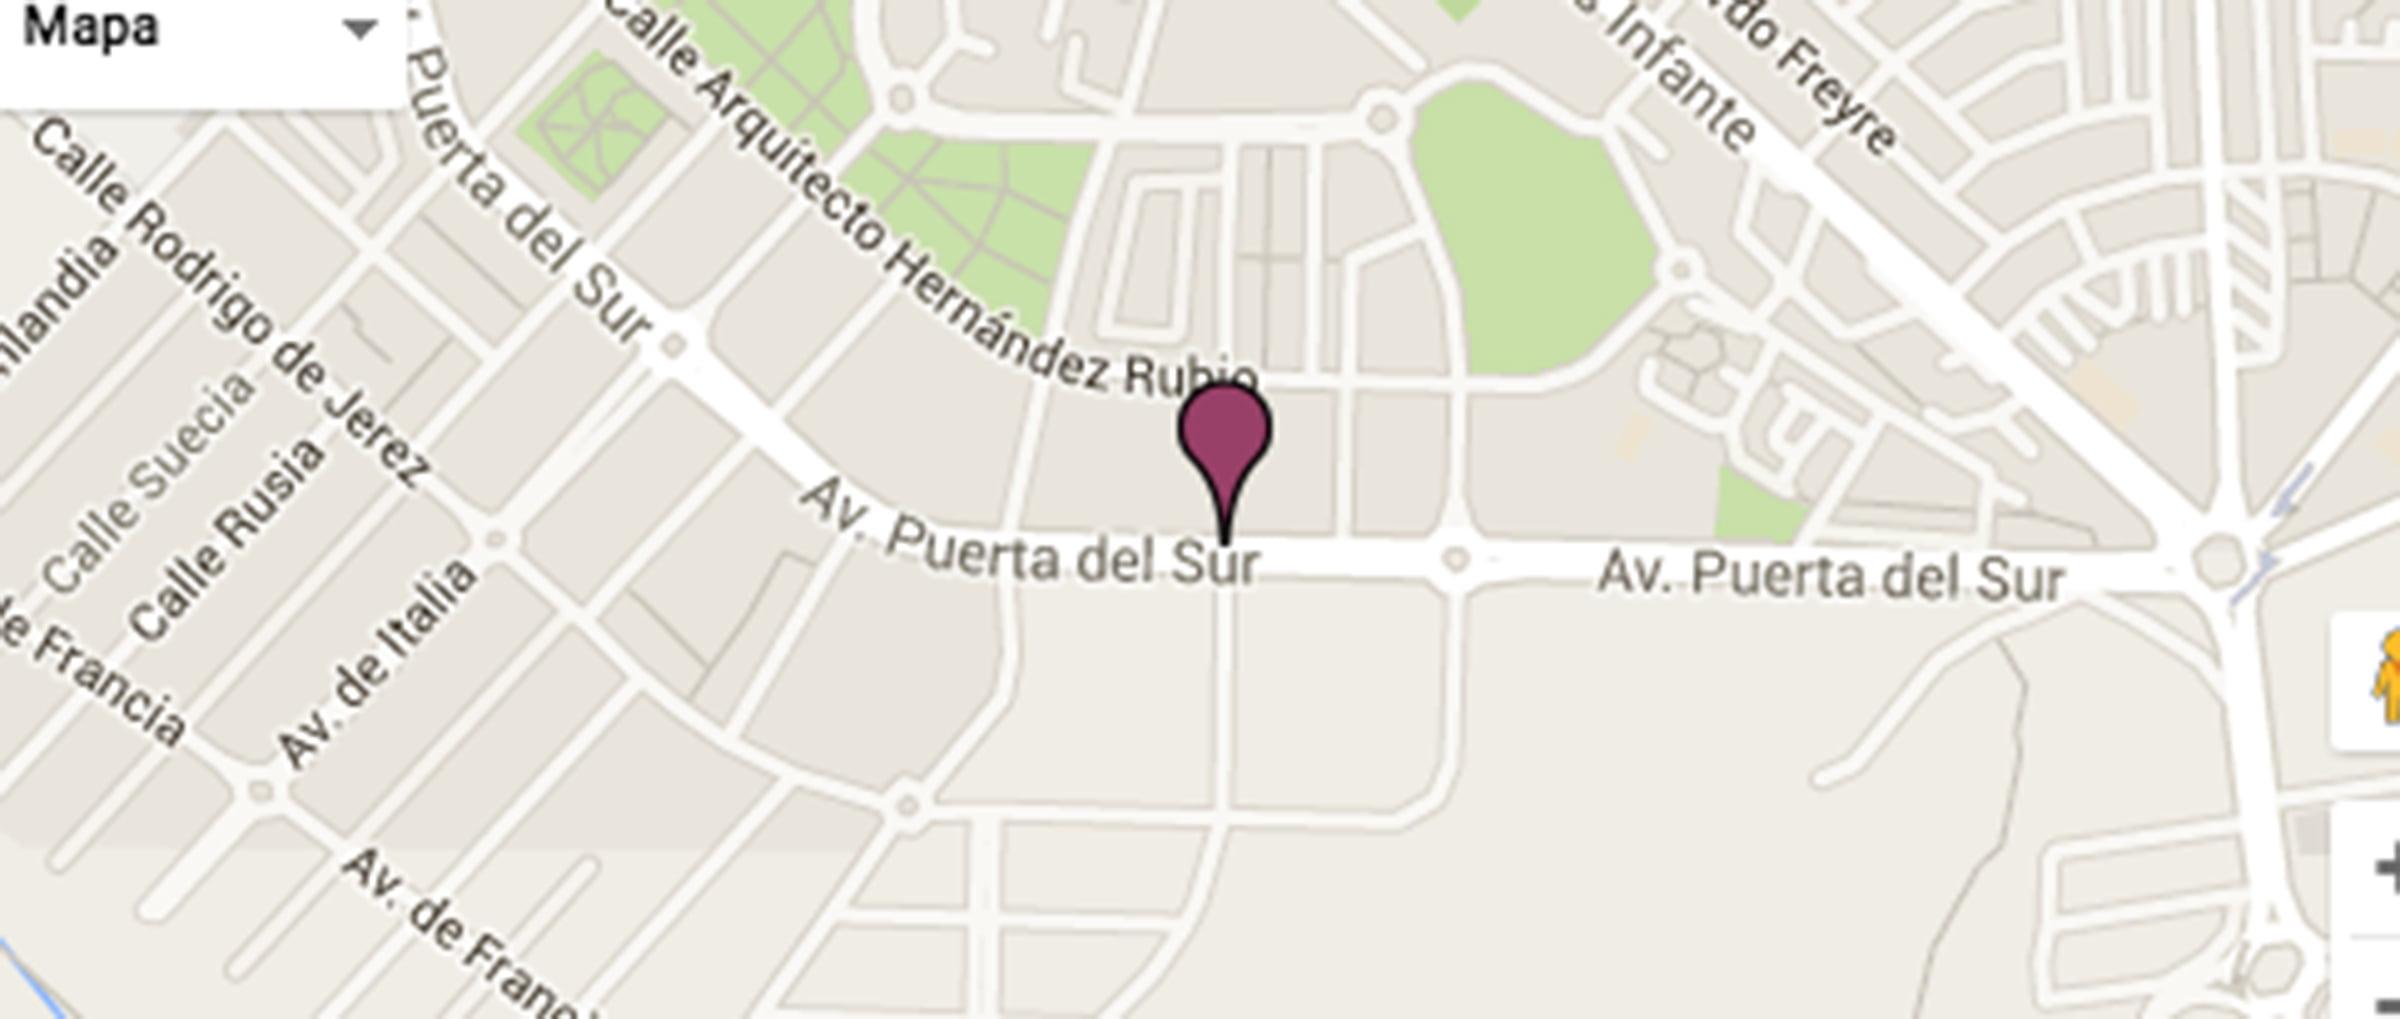 Clínica de reproducción asistida en Jerez de la Frontera